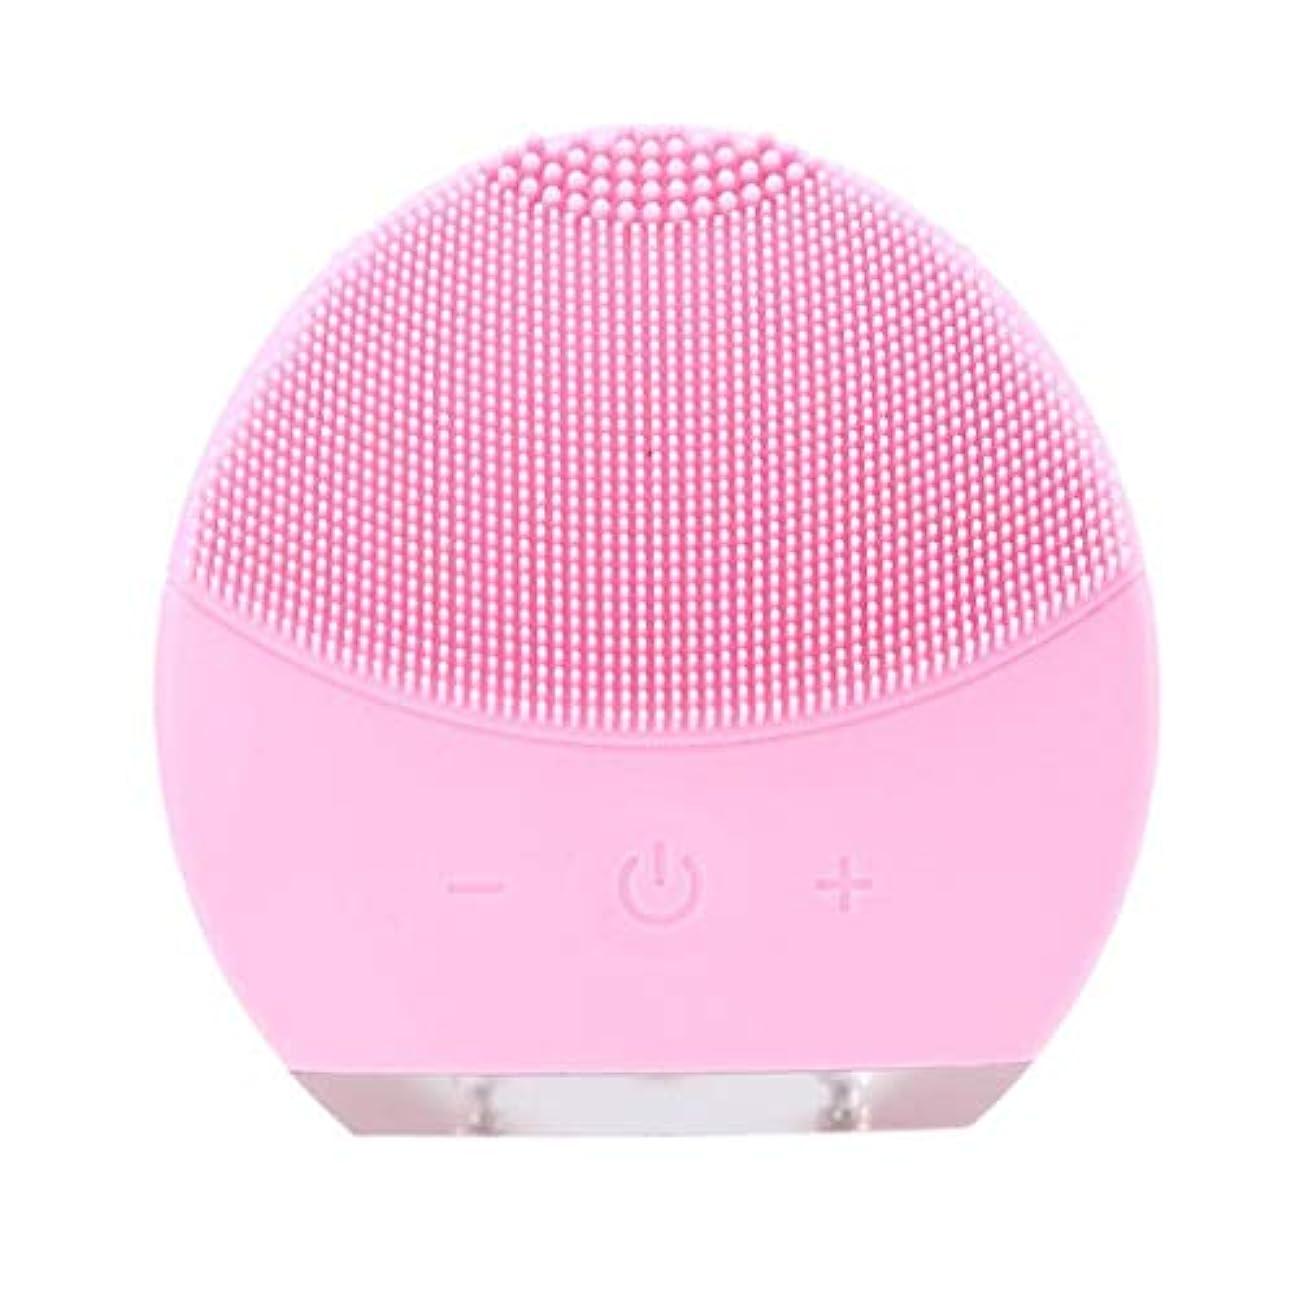 ガードパン大胆な超音波振動美容機器洗浄器、皮膚の毛穴を最小限に抑えるマイクロダーマブレーション毛穴、USB 充電と防水,Pink